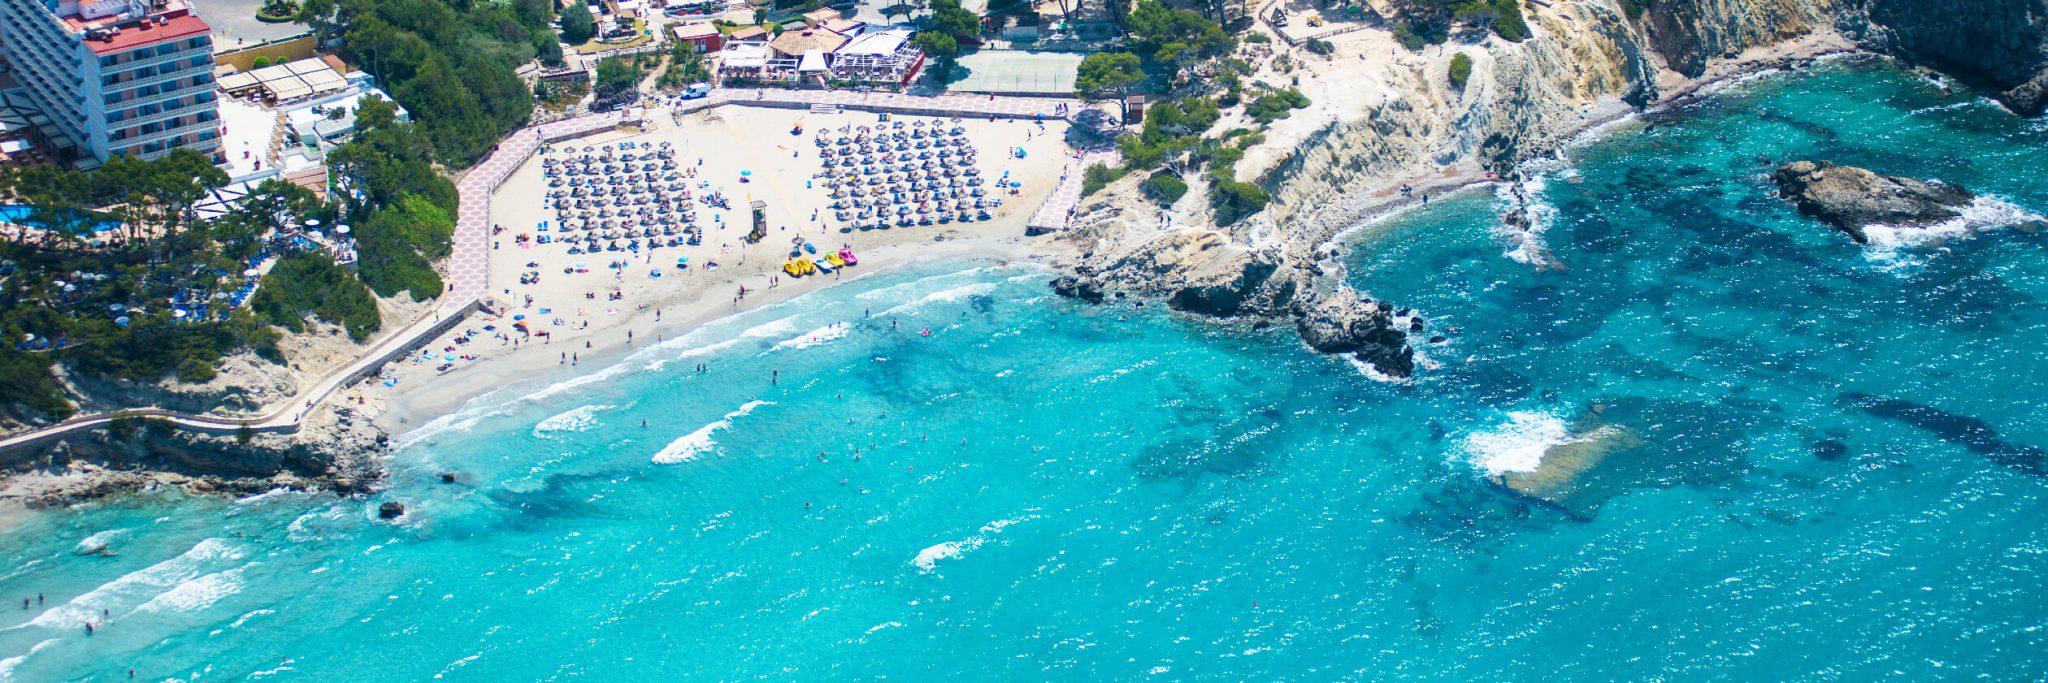 Mallorca Triathlon paraiso